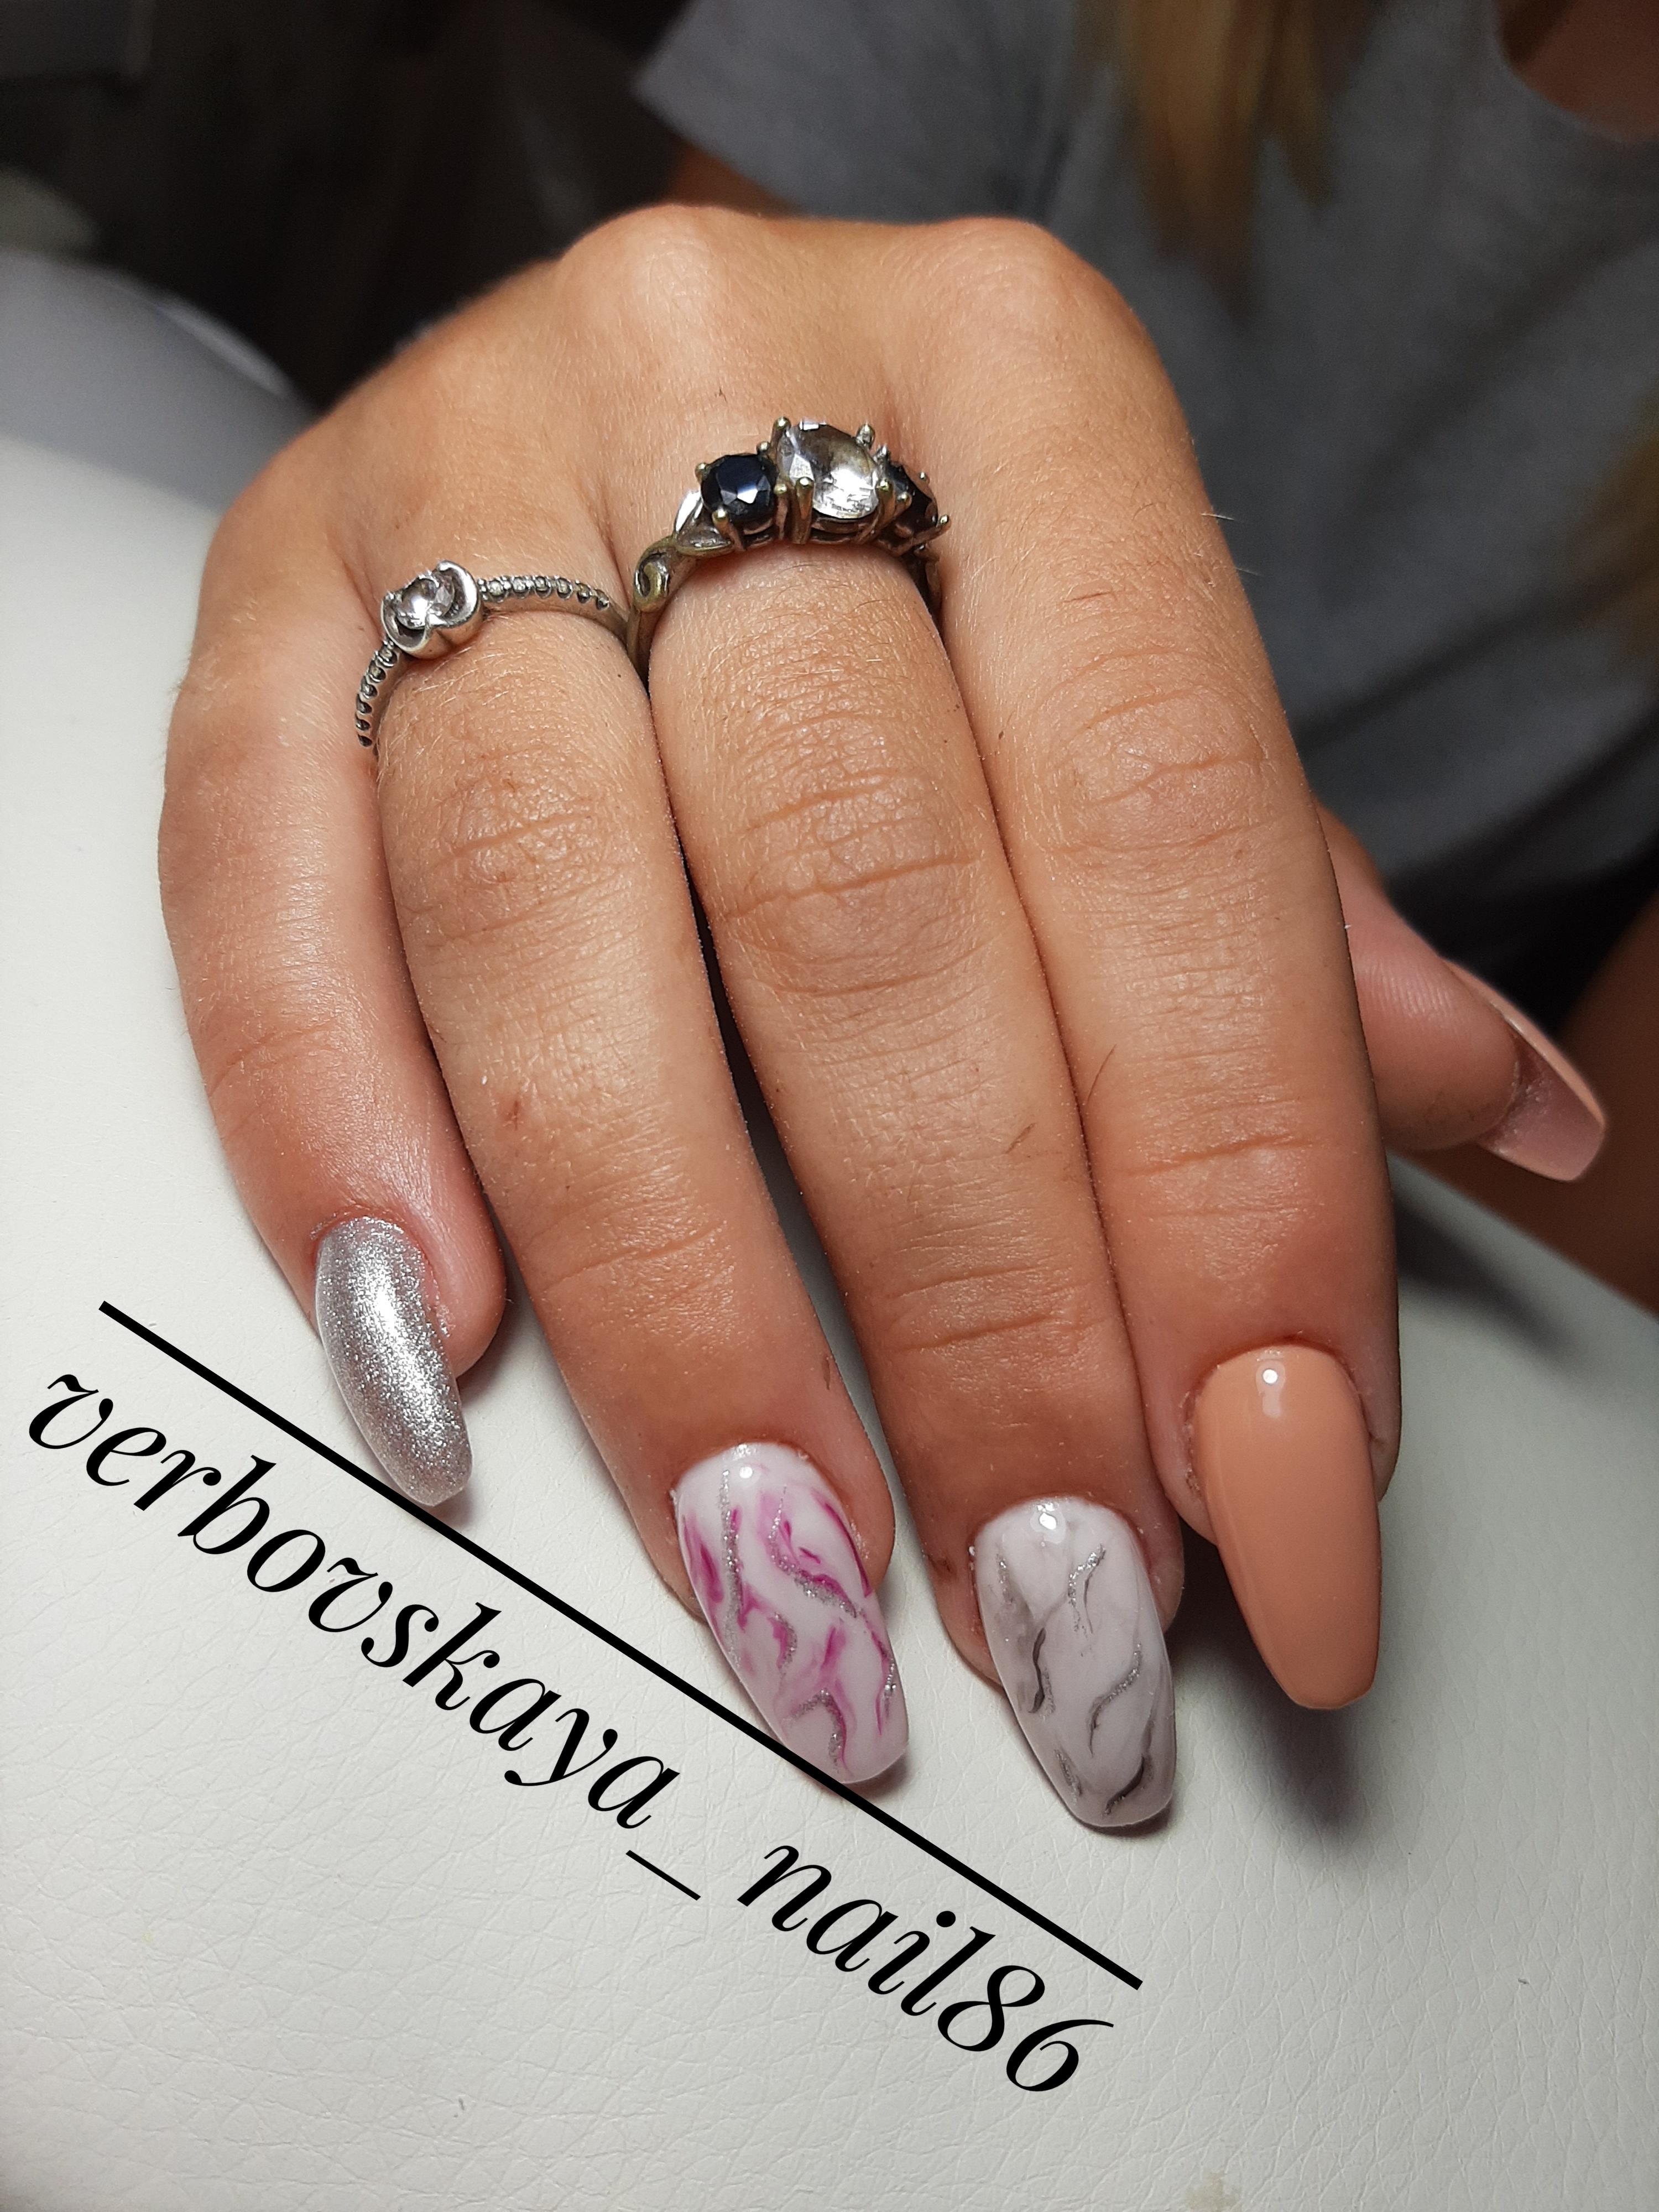 Маникюр с мраморным дизайном и блестками на длинные ногти.